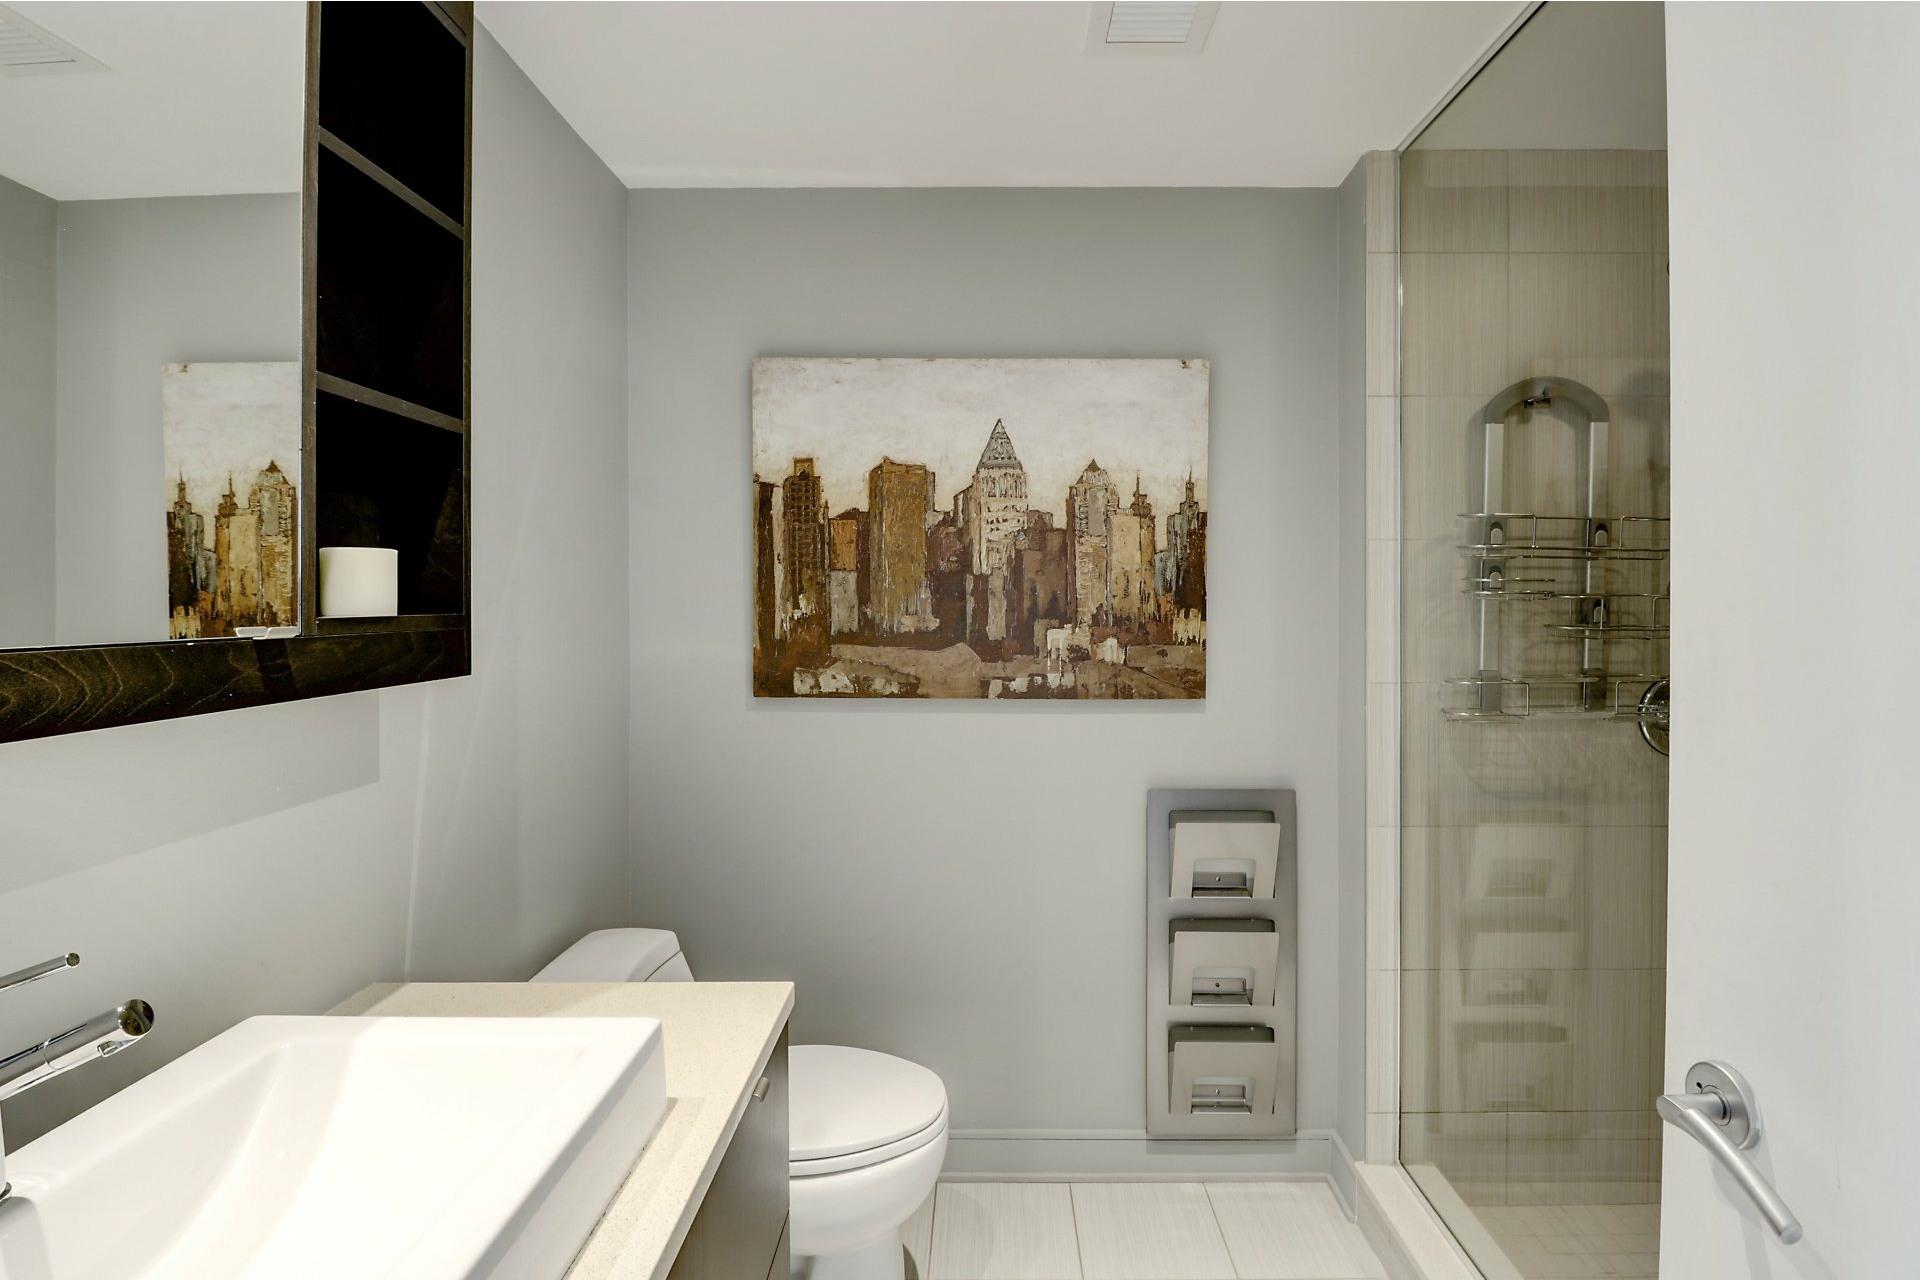 image 21 - Appartement À vendre Verdun/Île-des-Soeurs Montréal  - 5 pièces